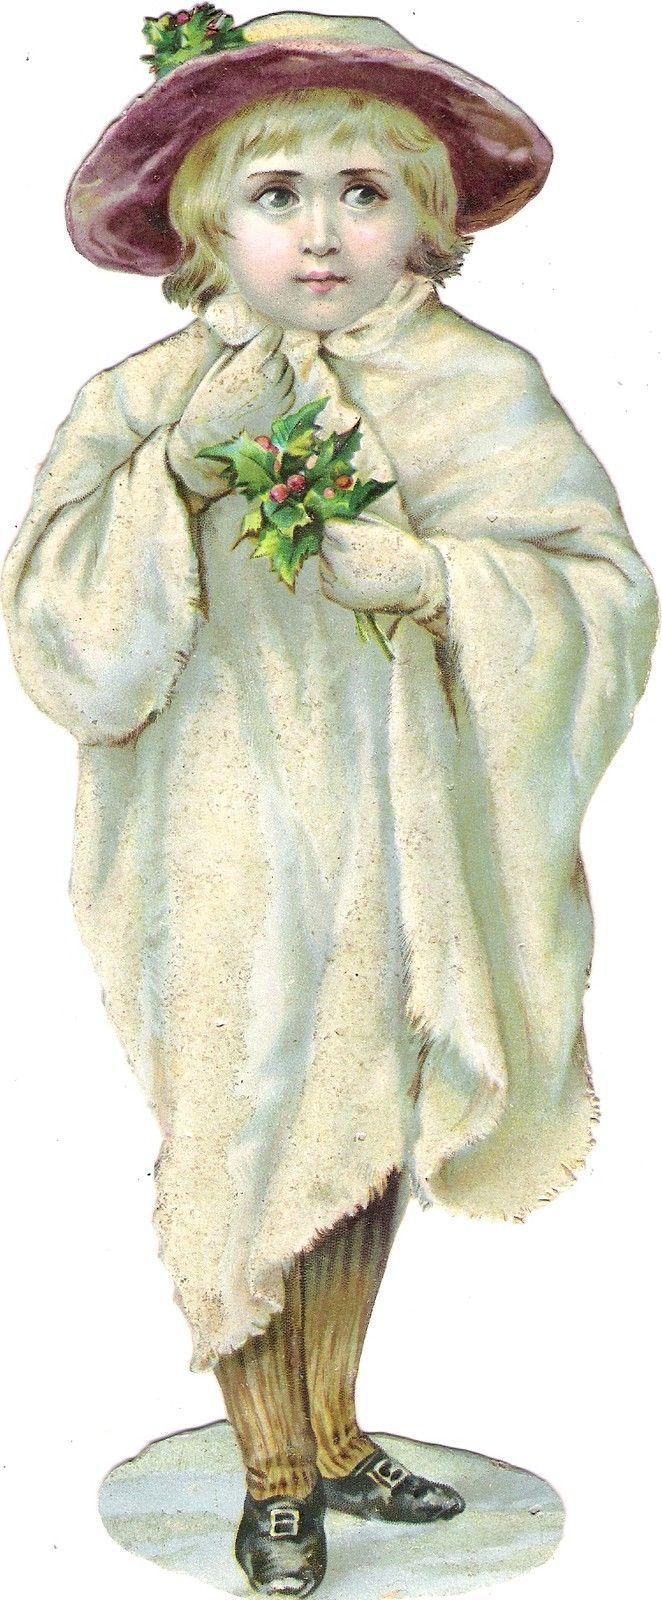 Oblaten Glanzbild scrap die cut chromo Winter Kind  23cm child Schnee snow MICA in Sammeln & Seltenes, Büro, Papier & Schreiben, Papier & Dokumente, Oblaten & Glanzbilder, Vor 1960 | eBay: